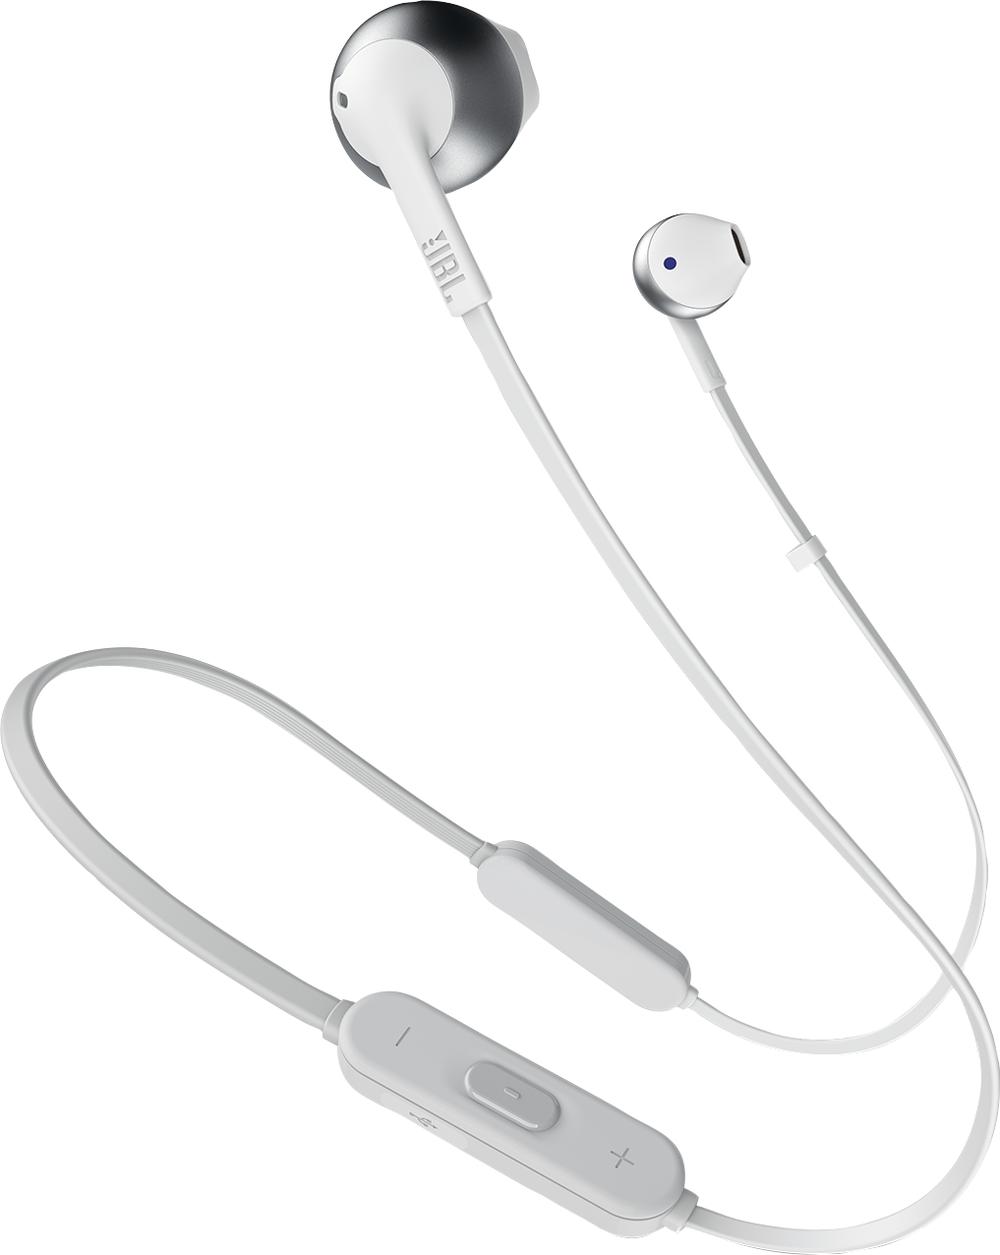 JBL Tune 205 Wireless Earbuds